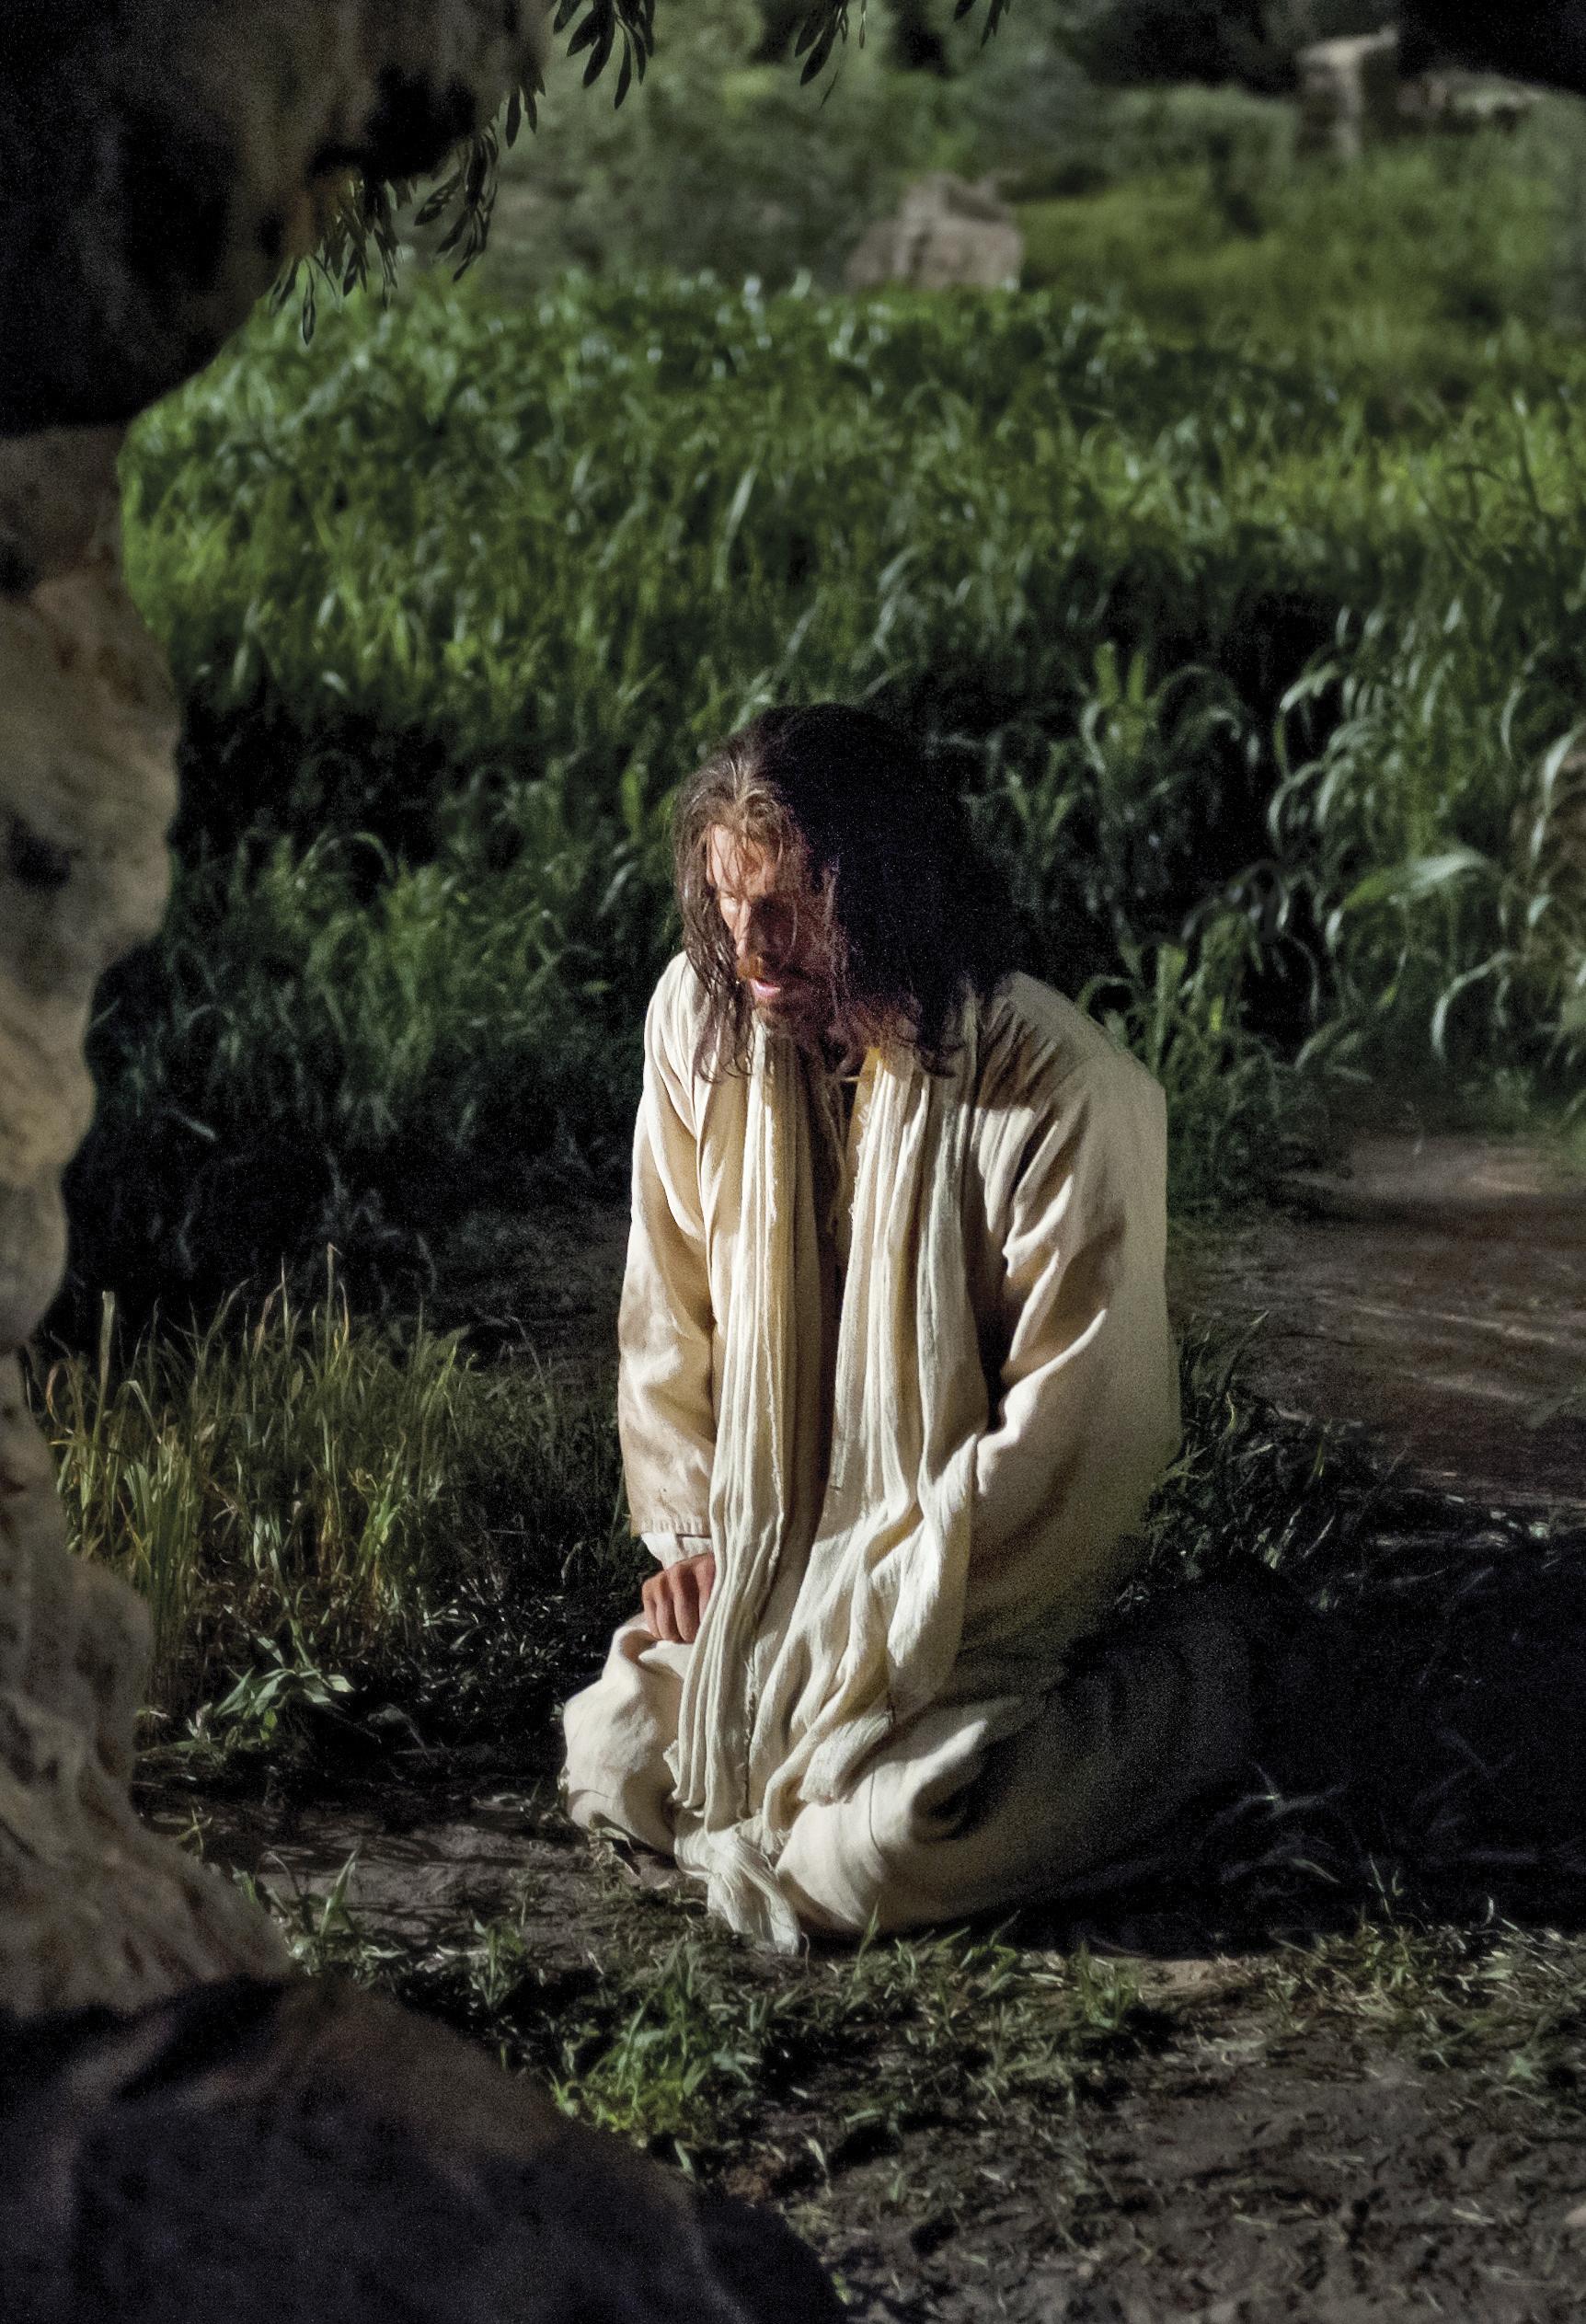 Christ kneeling in Gethsemane to pray.